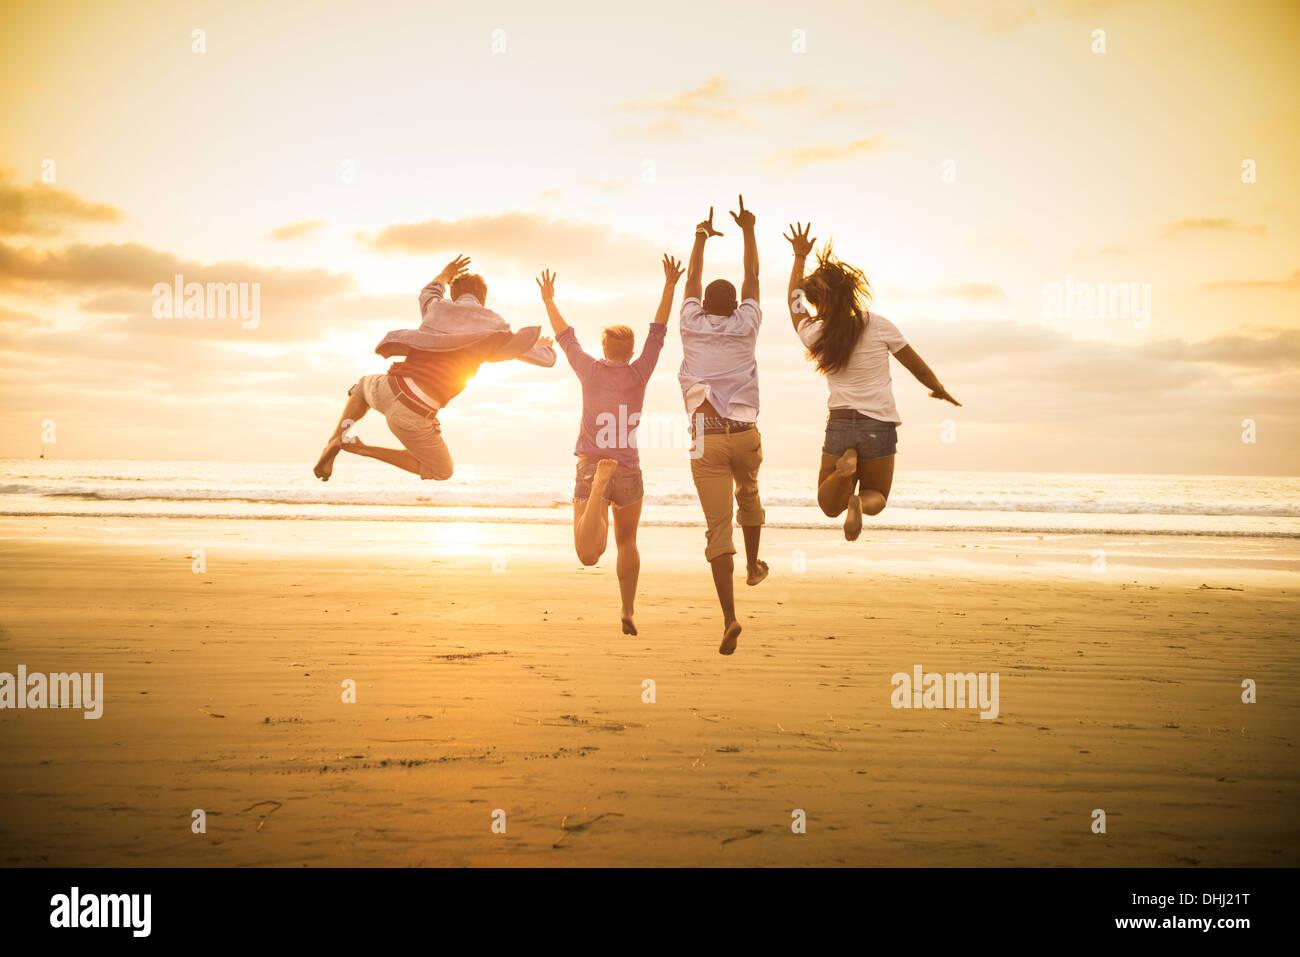 Giovani saltando su Mission Beach, San Diego, California, Stati Uniti d'America Immagini Stock